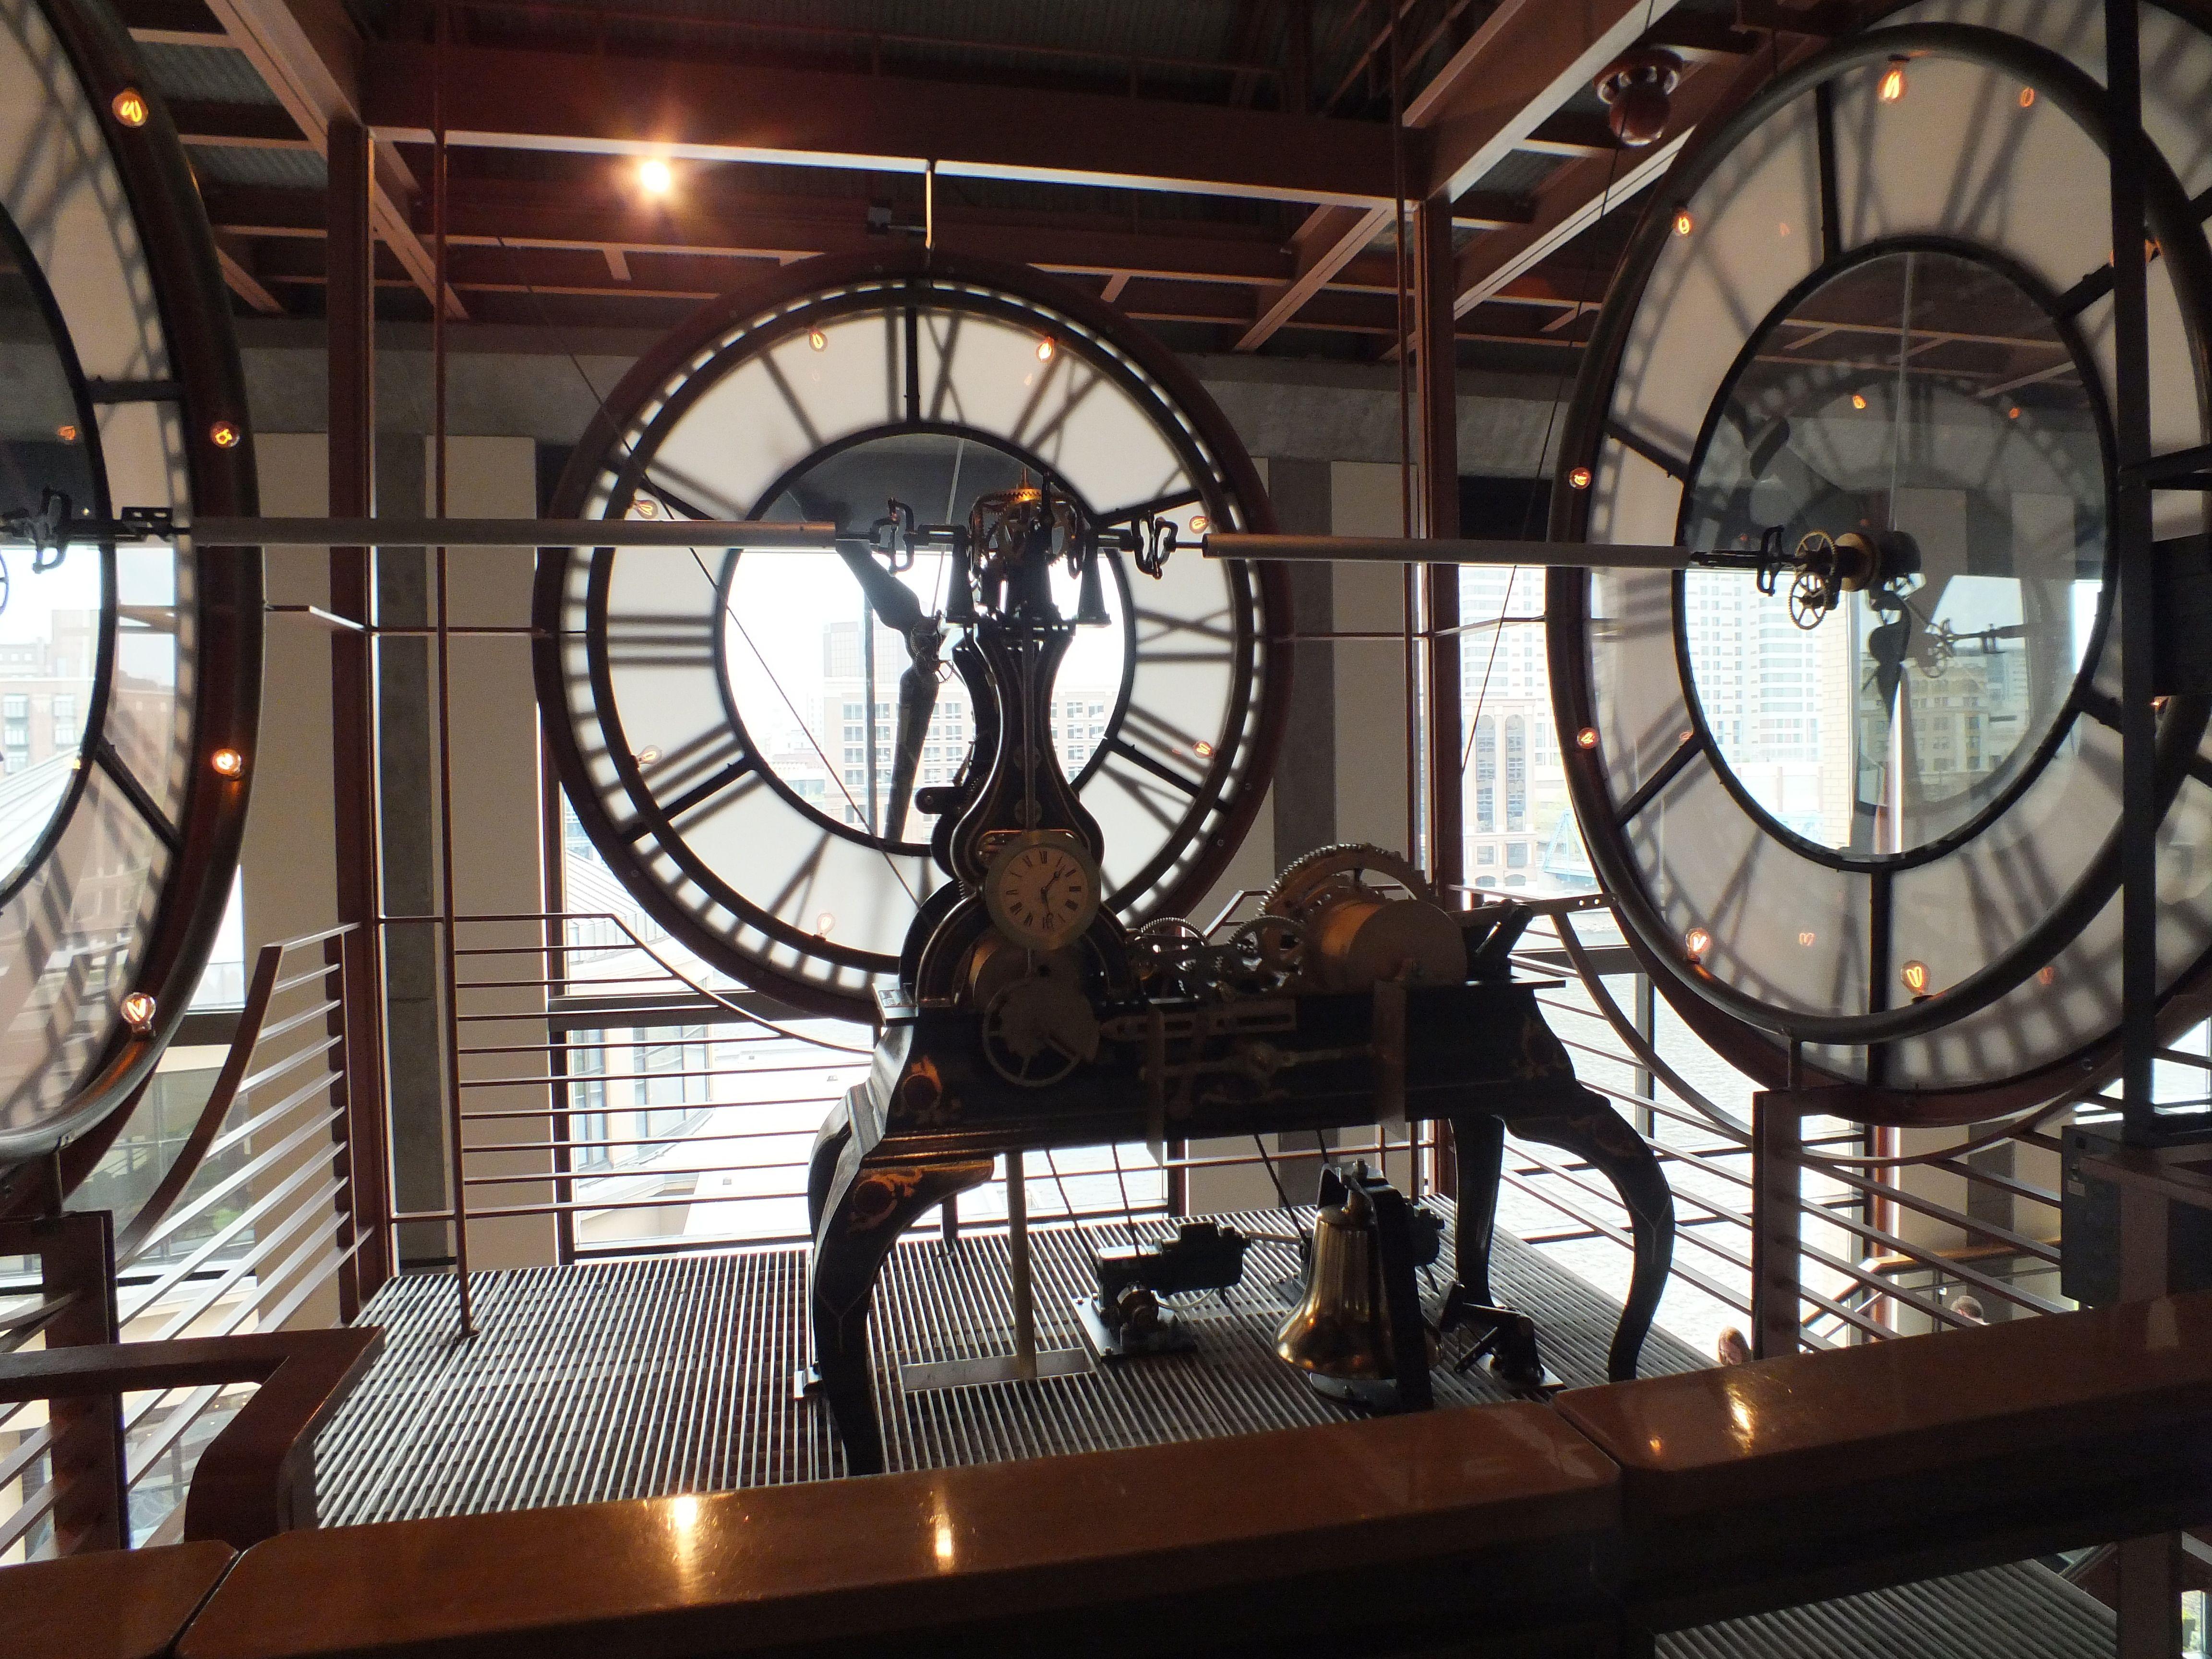 Clock works inside GR Museum -- Laurie Vanderzee | My town